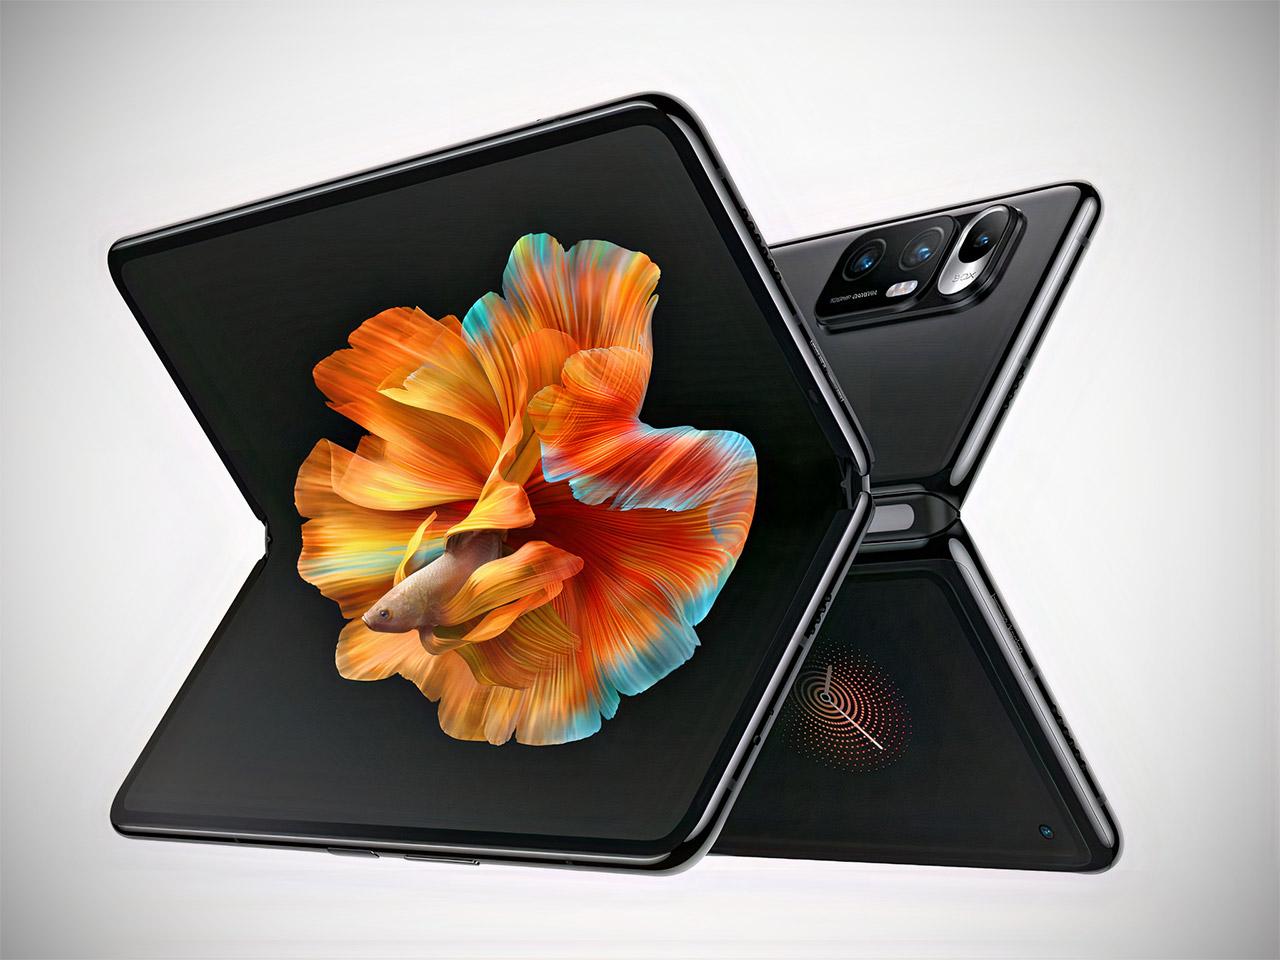 Xiaomi Mi Mix Fold Foldable Smartphone Liquid Lens